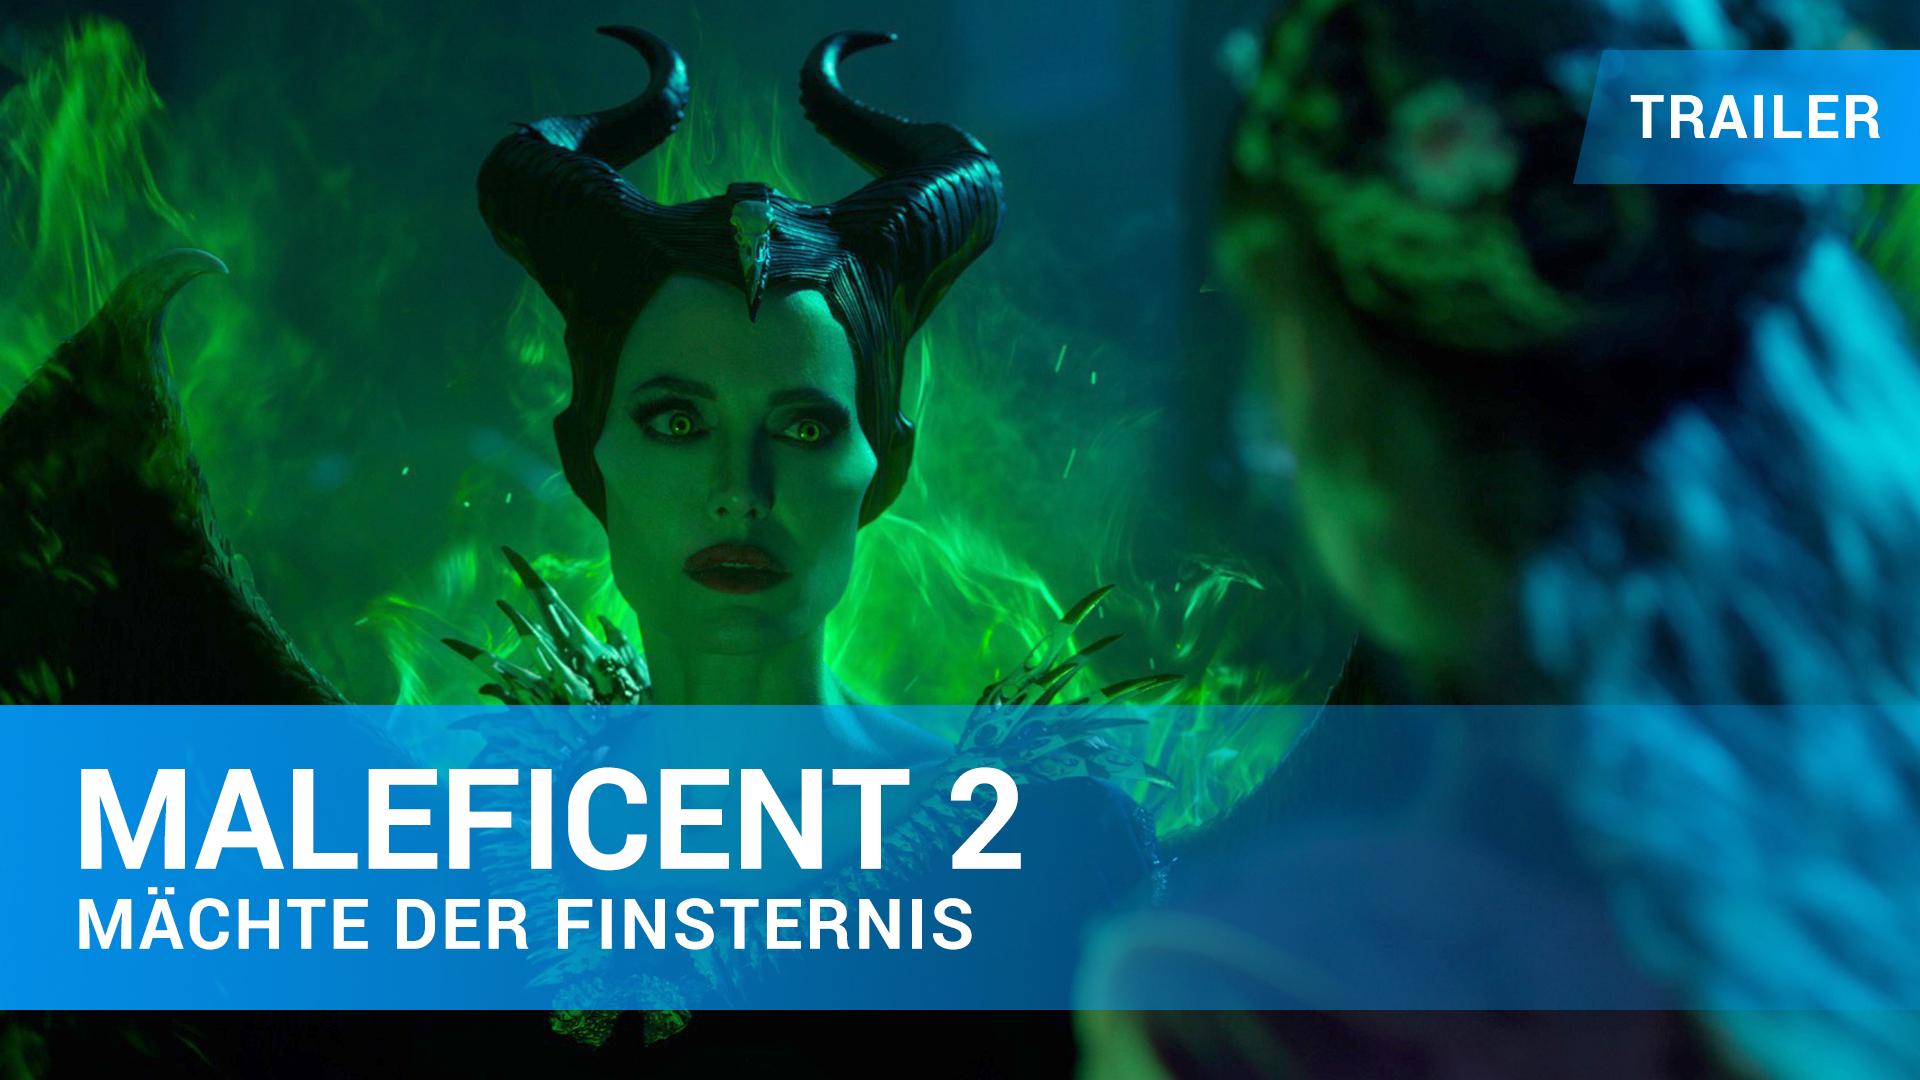 Maleficent 2 - Mächte der Finsternis - Trailer Deutsch